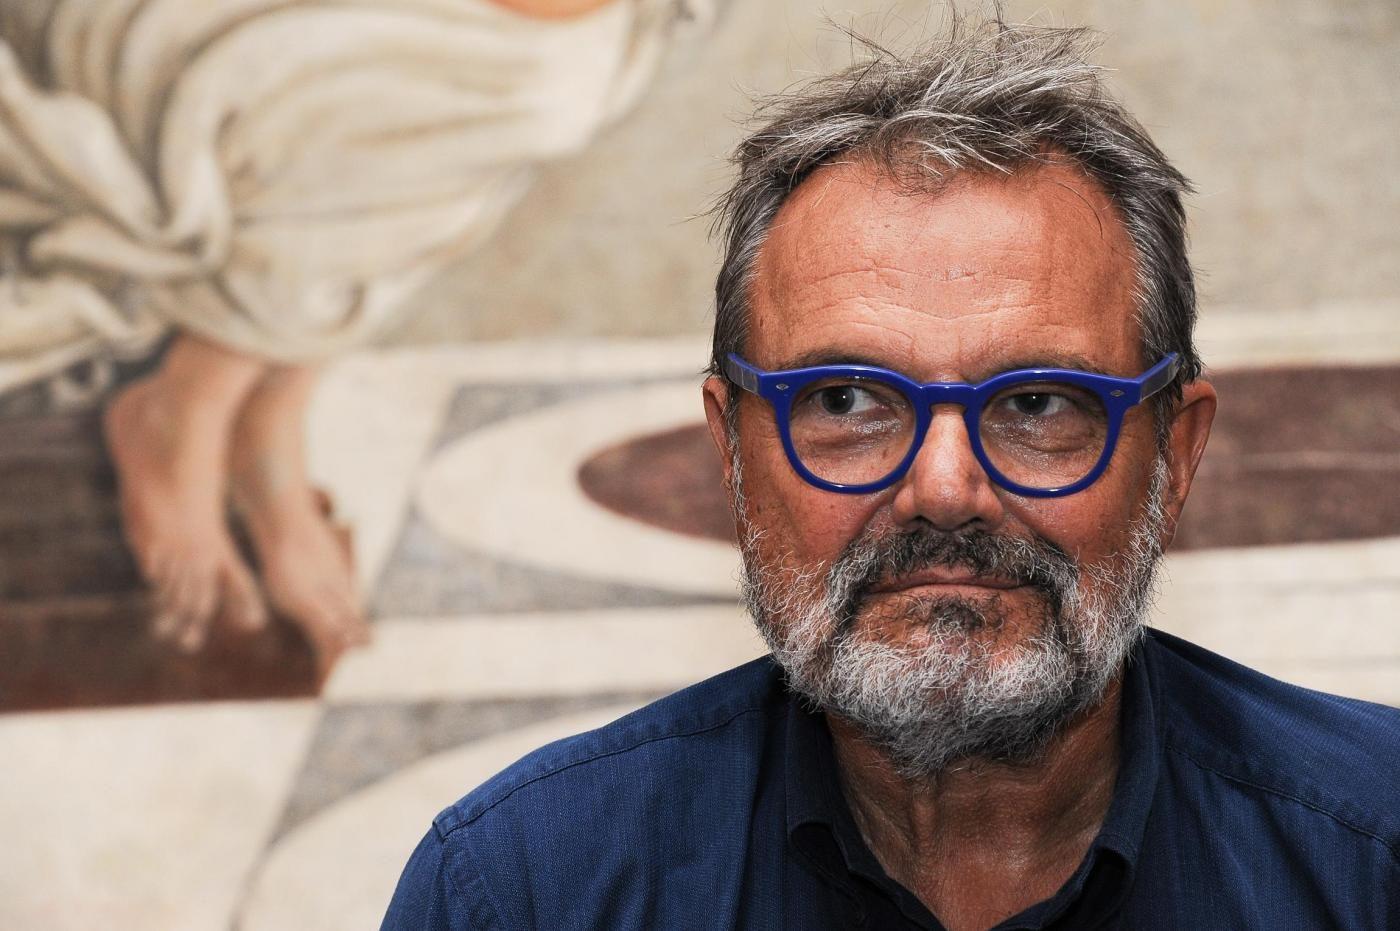 """Oliviero Toscani insulta Giorgia Meloni: """"Ritardata, è brutta e volgare"""". Lei: """"Miserabile"""""""